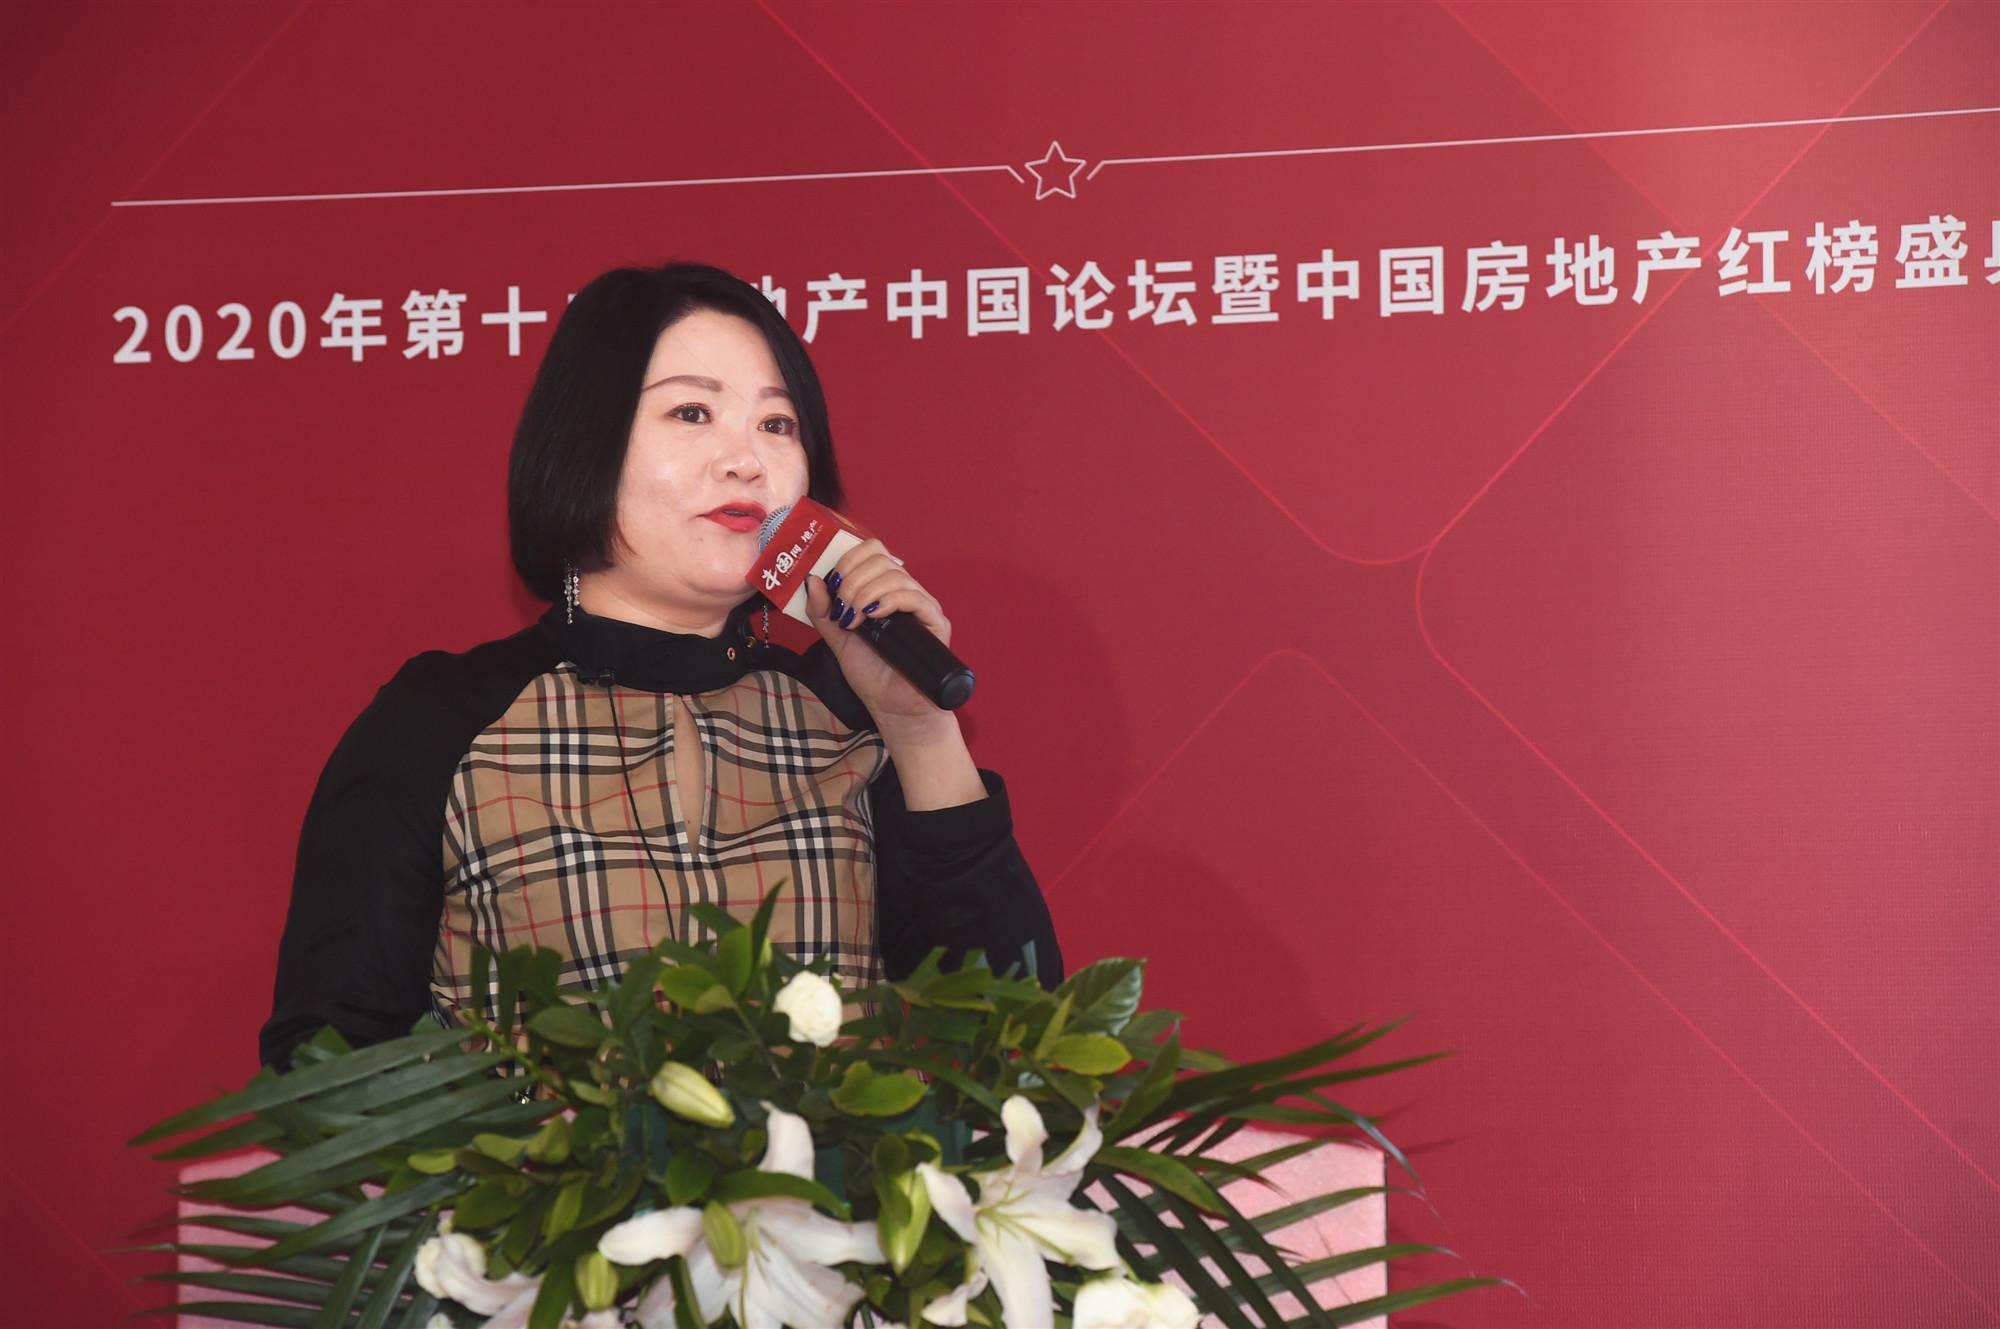 万年基业秦娜:打造粉丝圈层运营 为区域带来线上线下流量入口-中国网地产